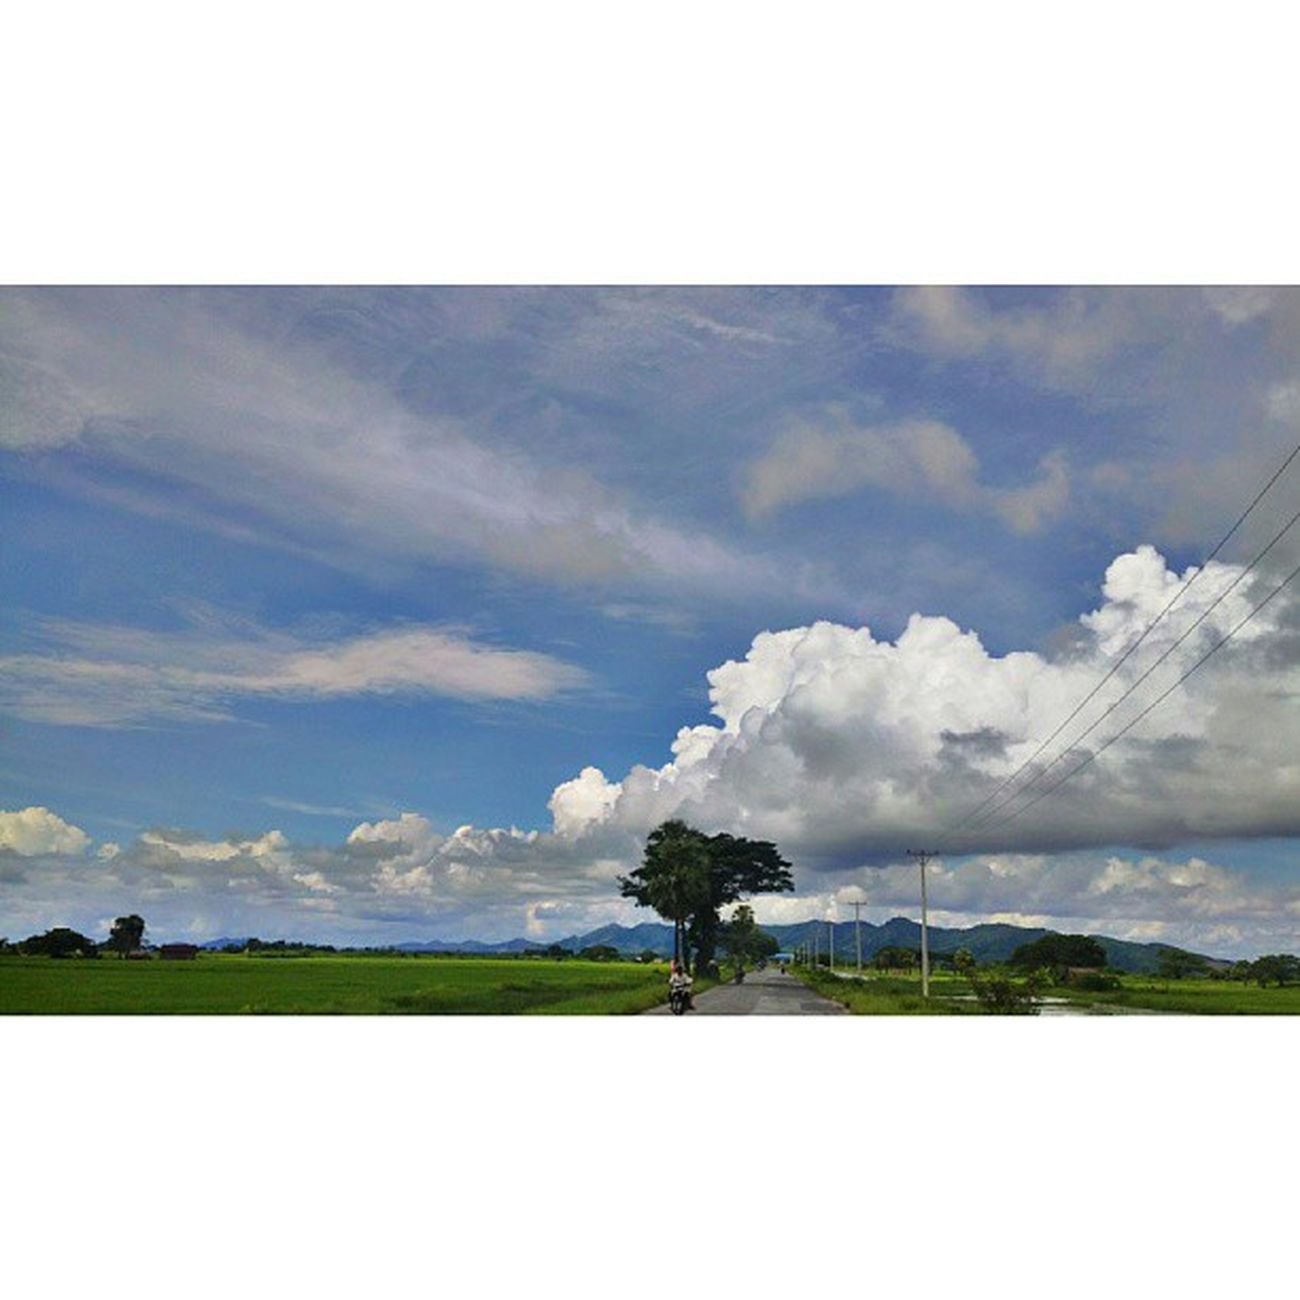 ခရီးသြားမိုးတိမ္ Jipsy Clouds Cloud Sky instatravel travelphotography travelgram myanmar igersmyanmar roadtrip